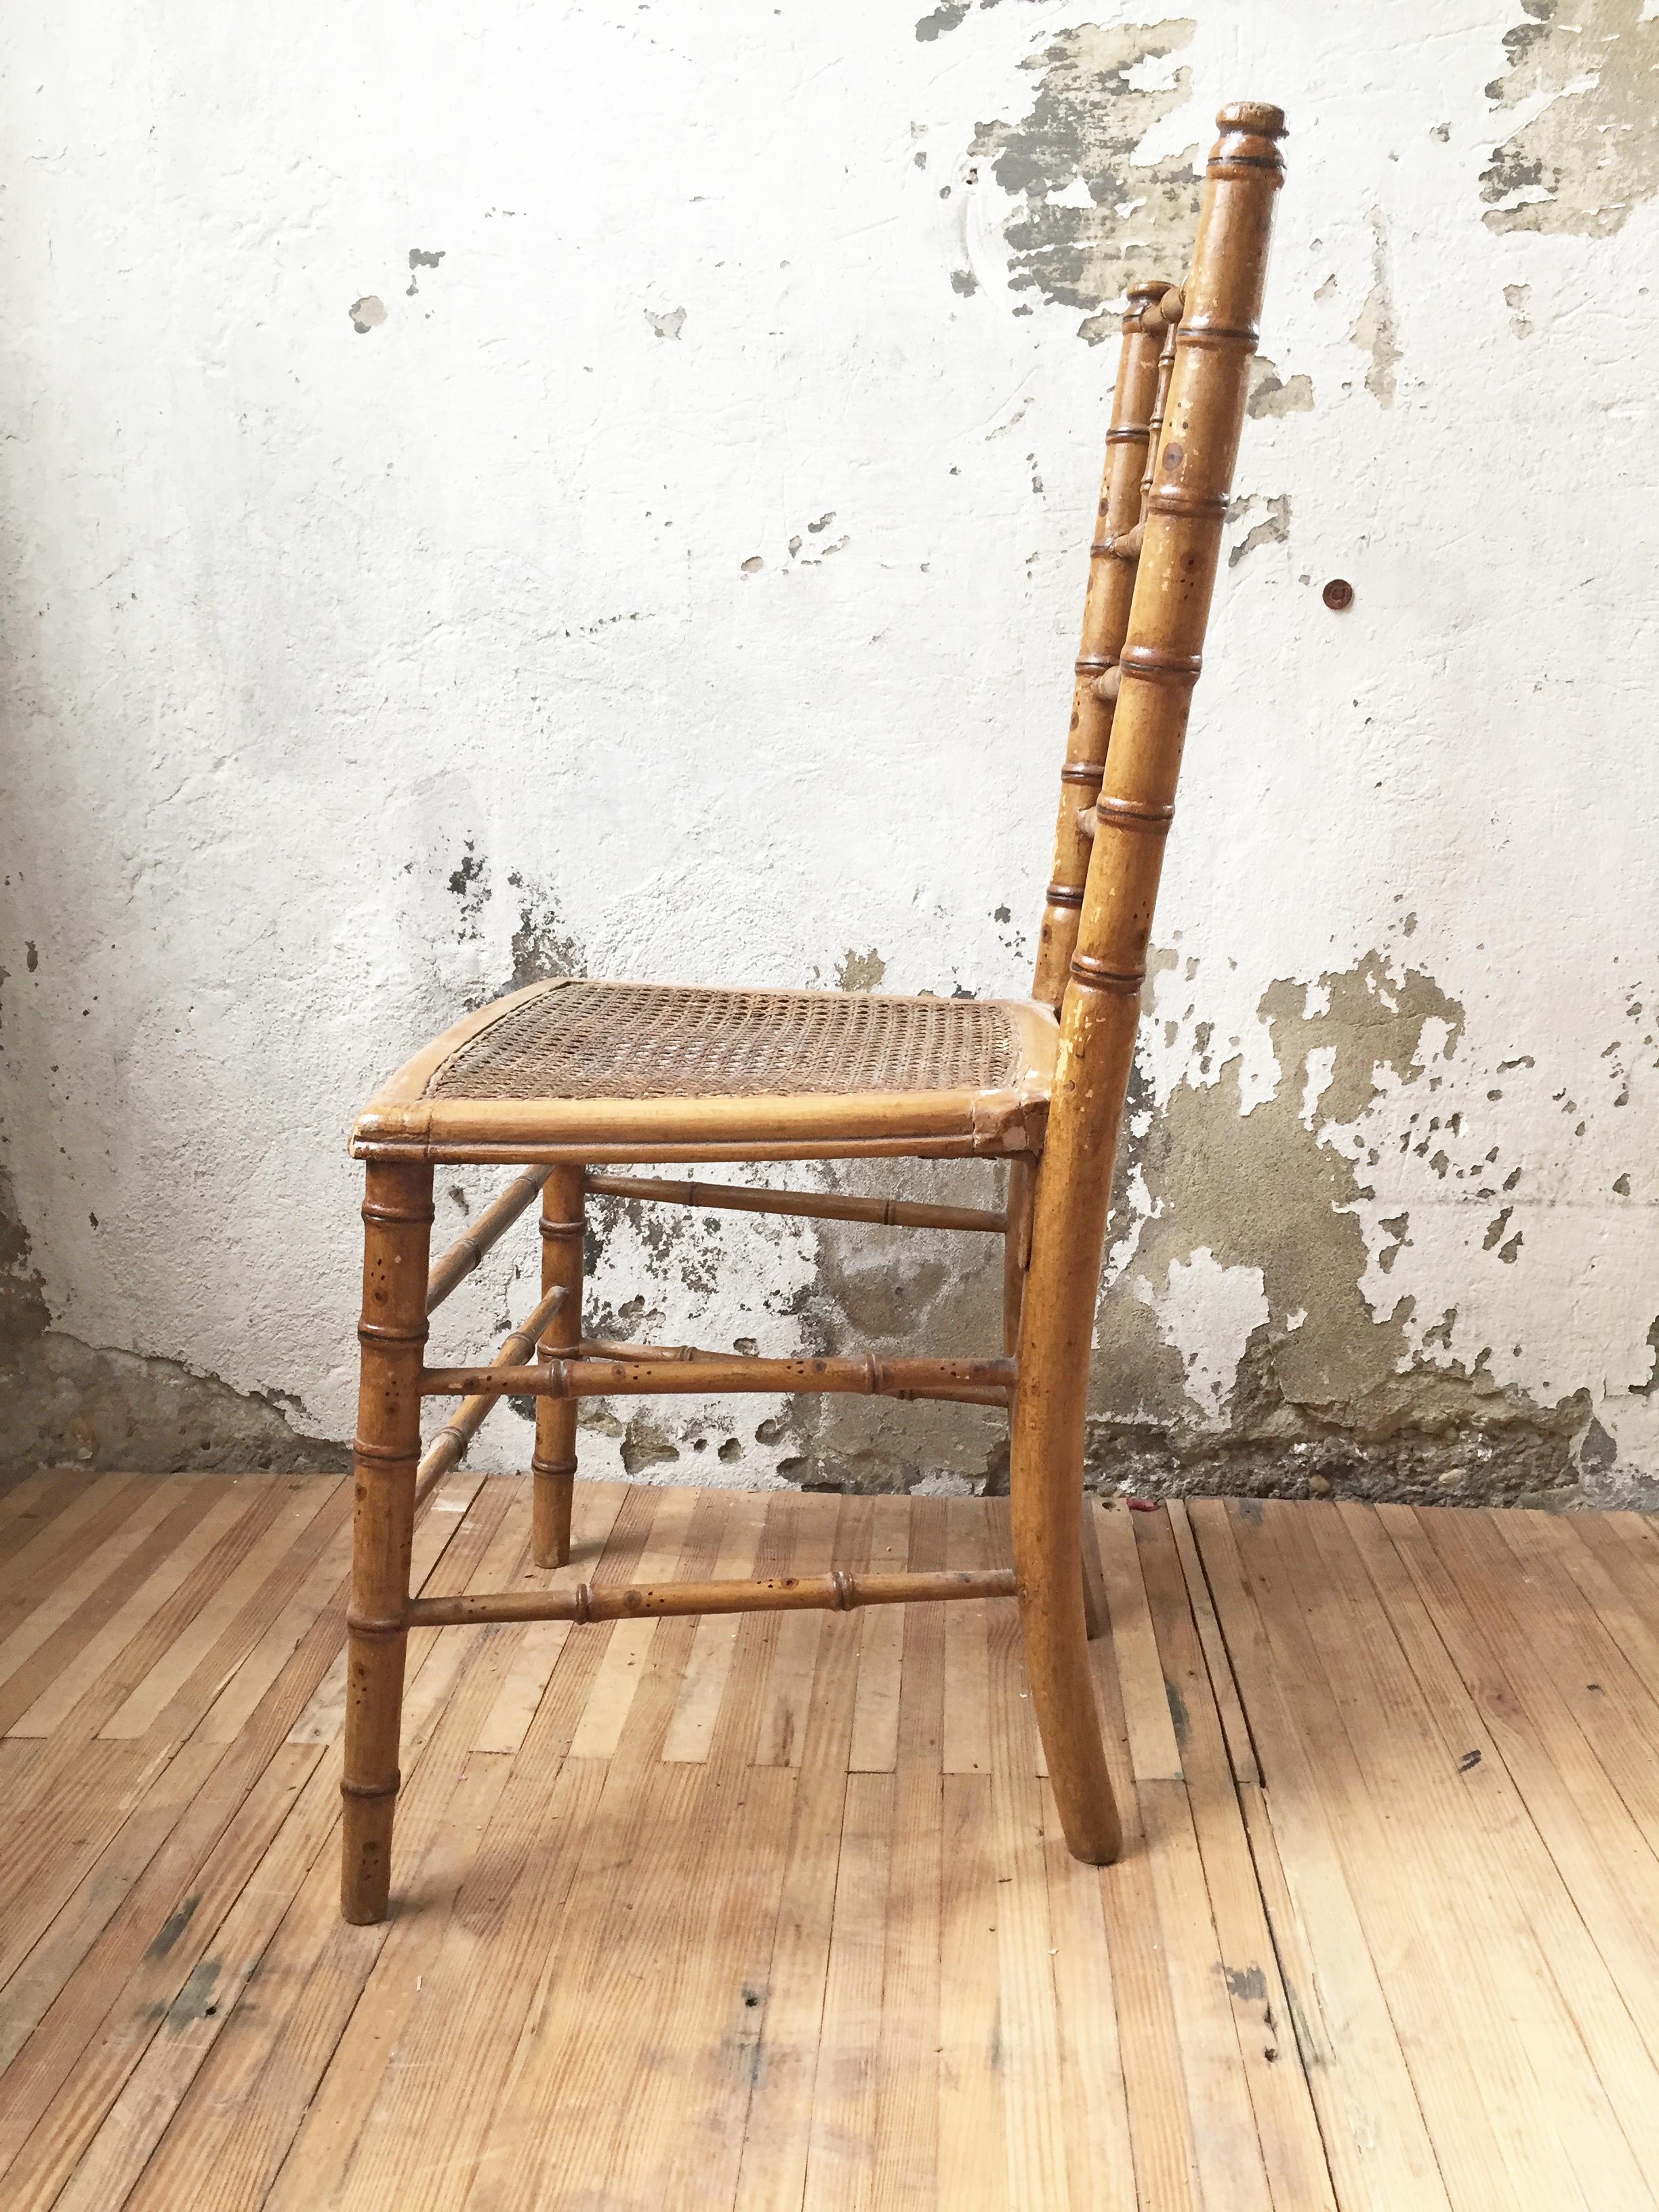 Style De Chaises Anciennes chaises napoléon 3 imitation bambou – mein lieber